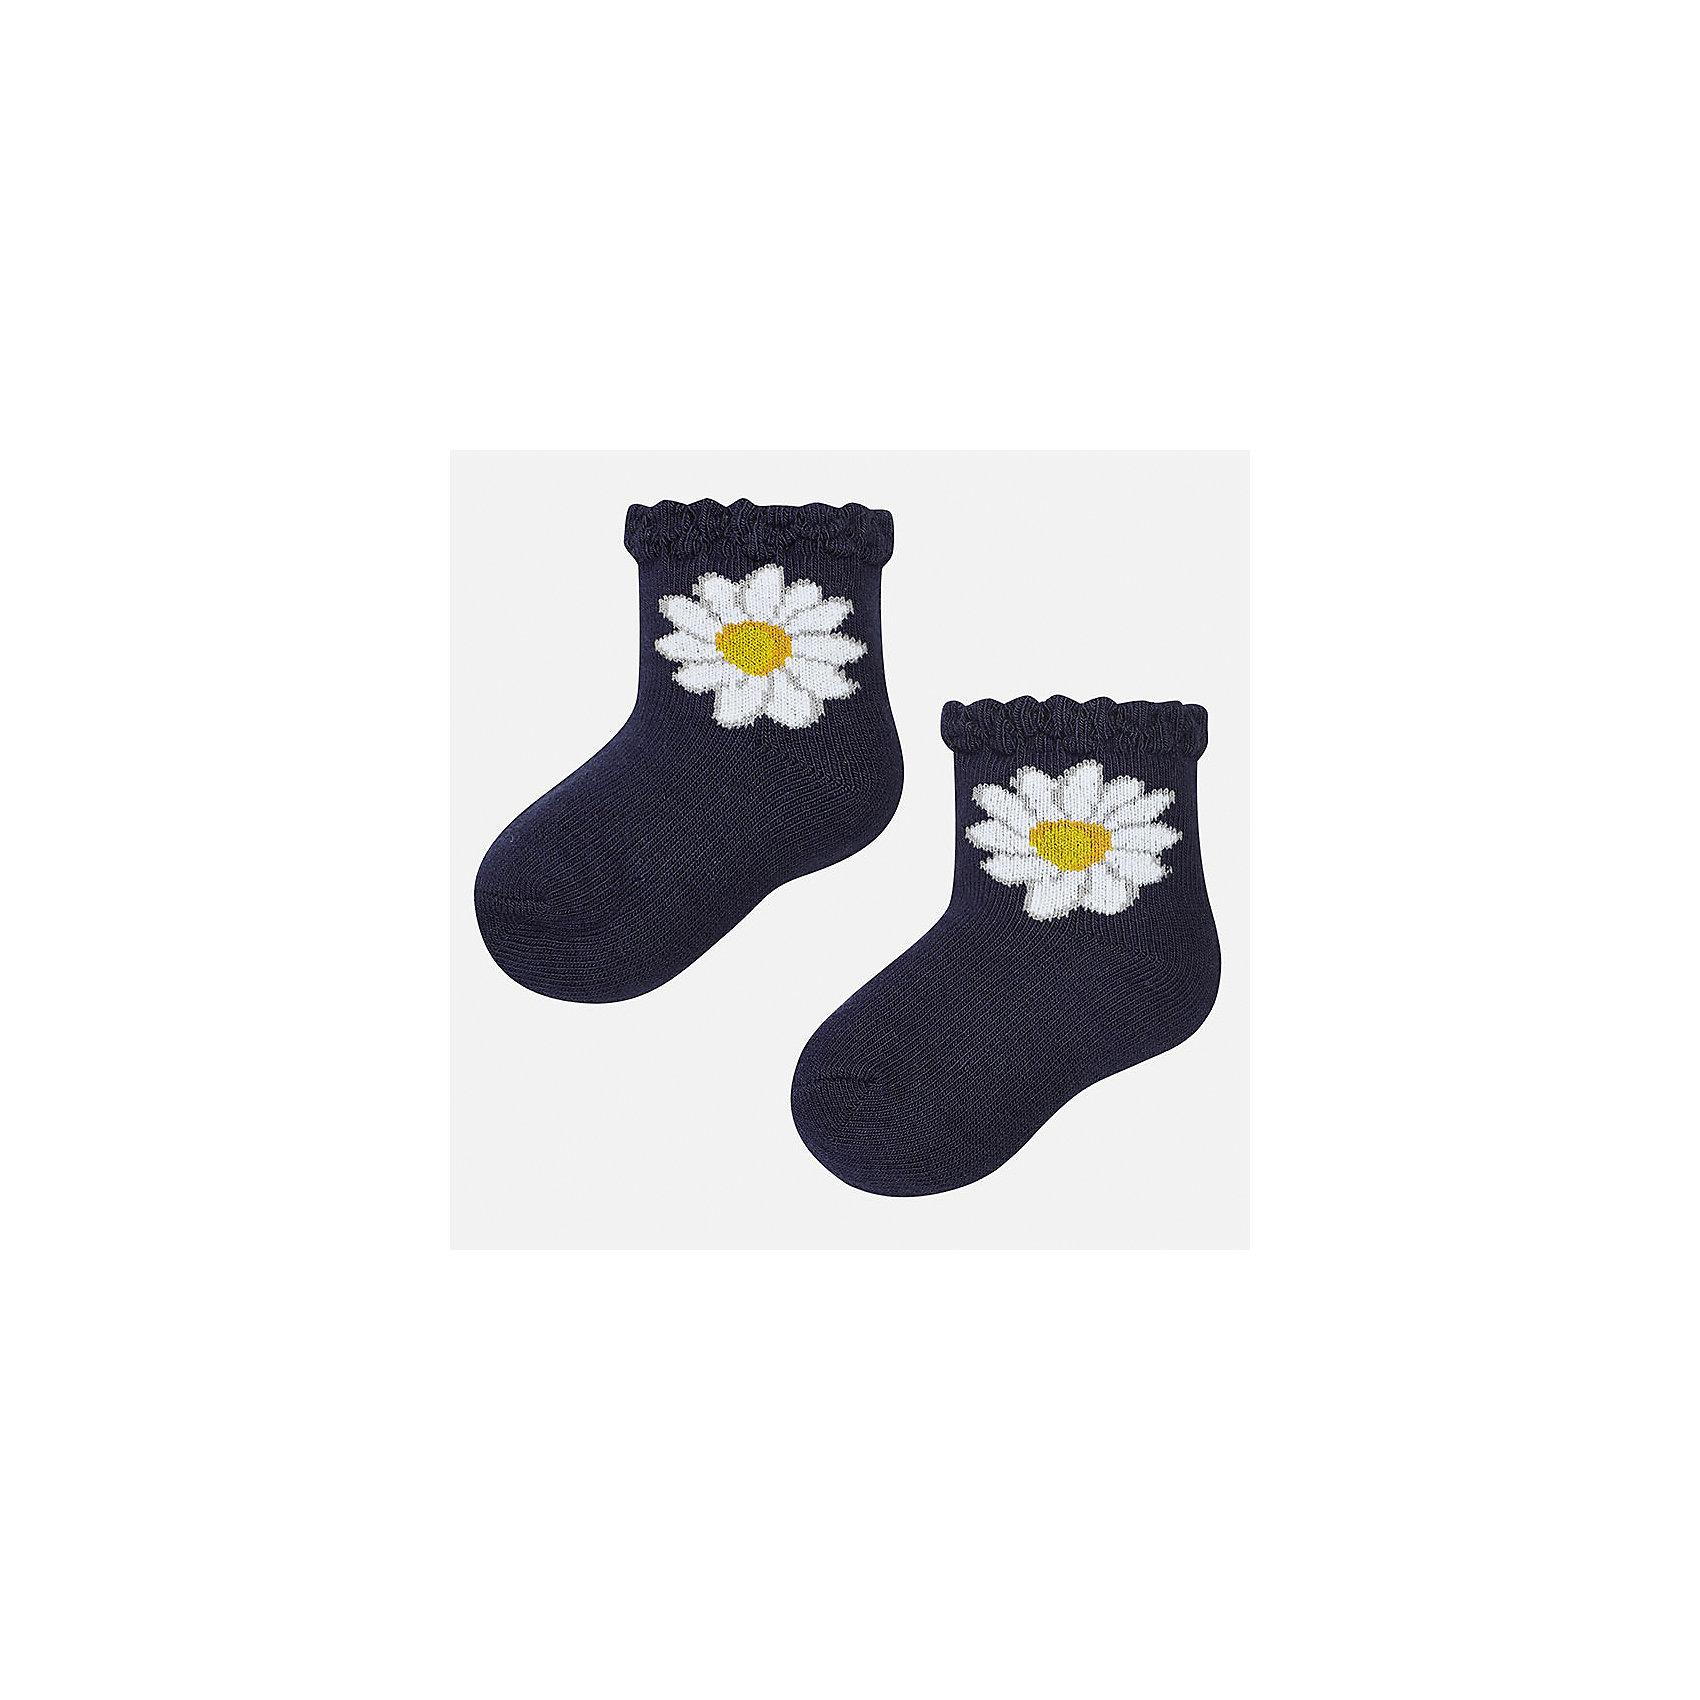 Носки для девочки MayoralХарактеристики товара:<br><br>• цвет: темно-синий<br>• состав: 68% хлопок, 28% полиамид, 4% эластан<br>• комплектация: одна пара<br>• мягкая ажурная резинка<br>• эластичный материал<br>• декорированы цветами<br>• страна бренда: Испания<br><br>Удобные симпатичные носки для девочки помогут обеспечить ребенку комфорт и дополнить наряд. Универсальный цвет позволяет надевать их под обувь разных расцветок. Носки удобно сидят на ноге и красиво смотрятся. В составе материала - натуральный хлопок, гипоаллергенный, приятный на ощупь, дышащий. <br><br>Одежда, обувь и аксессуары от испанского бренда Mayoral полюбились детям и взрослым по всему миру. Модели этой марки - стильные и удобные. Для их производства используются только безопасные, качественные материалы и фурнитура. Порадуйте ребенка модными и красивыми вещами от Mayoral! <br><br>Носки для девочки от испанского бренда Mayoral (Майорал) можно купить в нашем интернет-магазине.<br><br>Ширина мм: 87<br>Глубина мм: 10<br>Высота мм: 105<br>Вес г: 115<br>Цвет: синий<br>Возраст от месяцев: 21<br>Возраст до месяцев: 24<br>Пол: Женский<br>Возраст: Детский<br>Размер: 24,12<br>SKU: 5293382